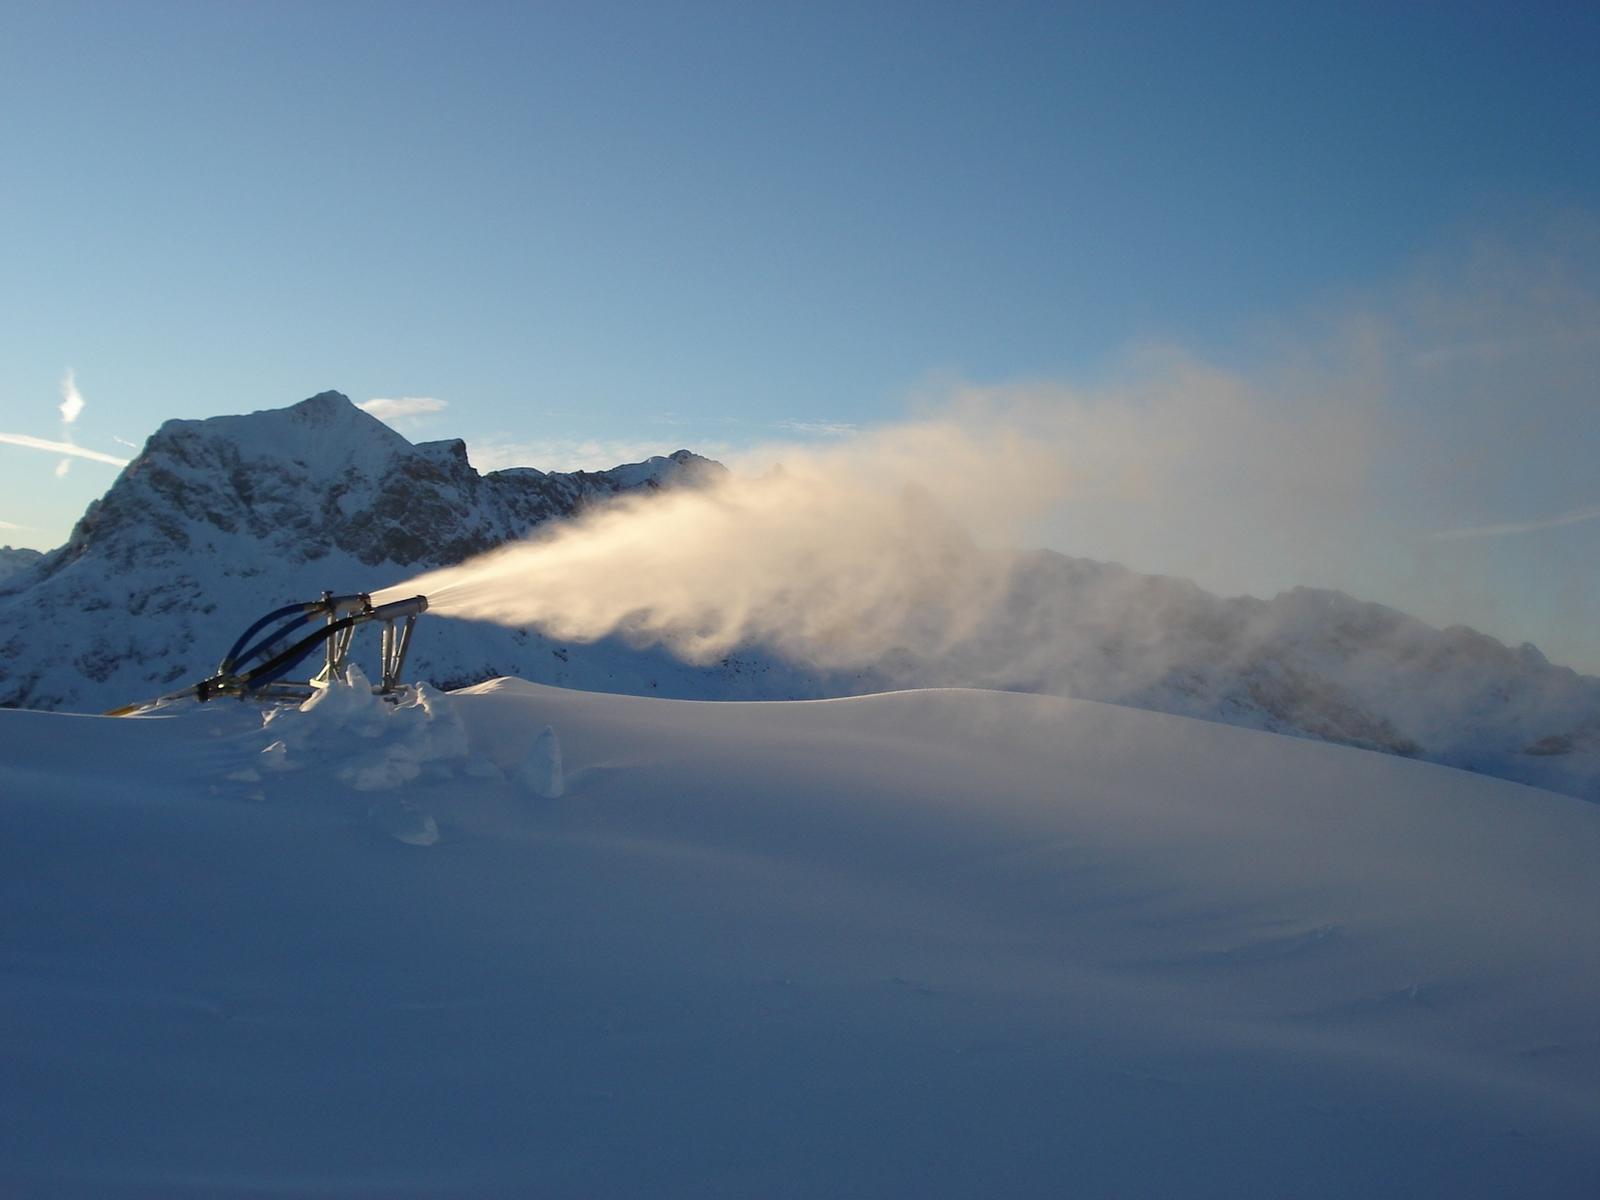 Skilifte Lech - Schneeanlage (8)